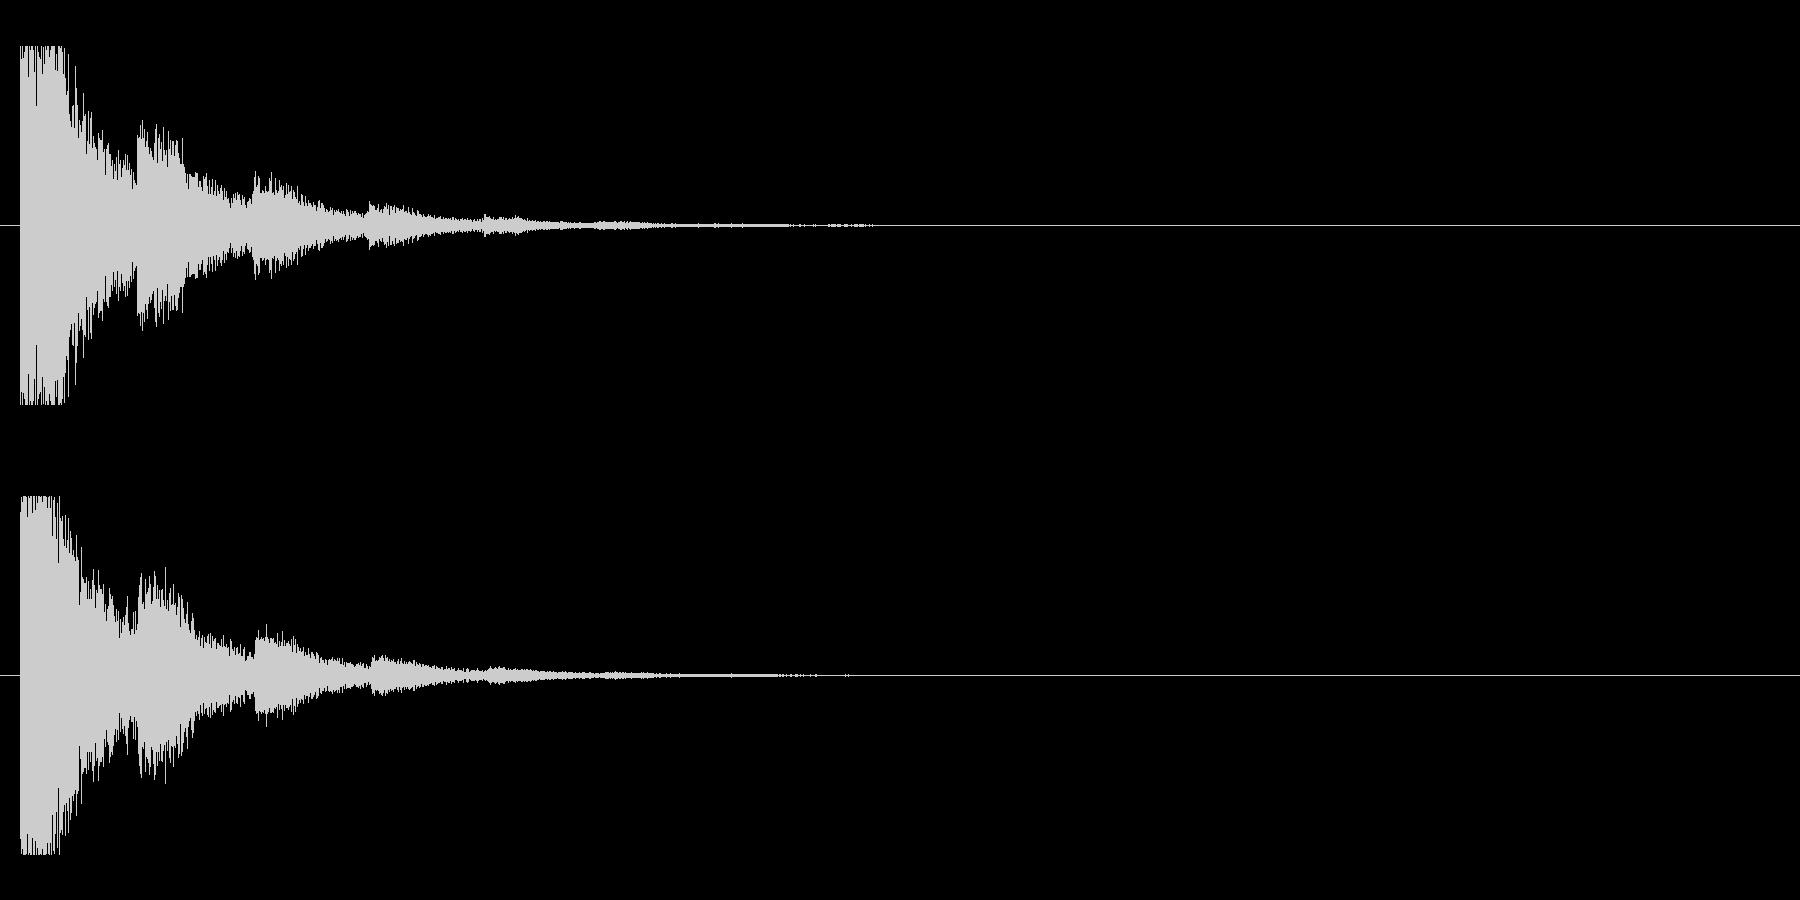 レーザー音-79-2の未再生の波形